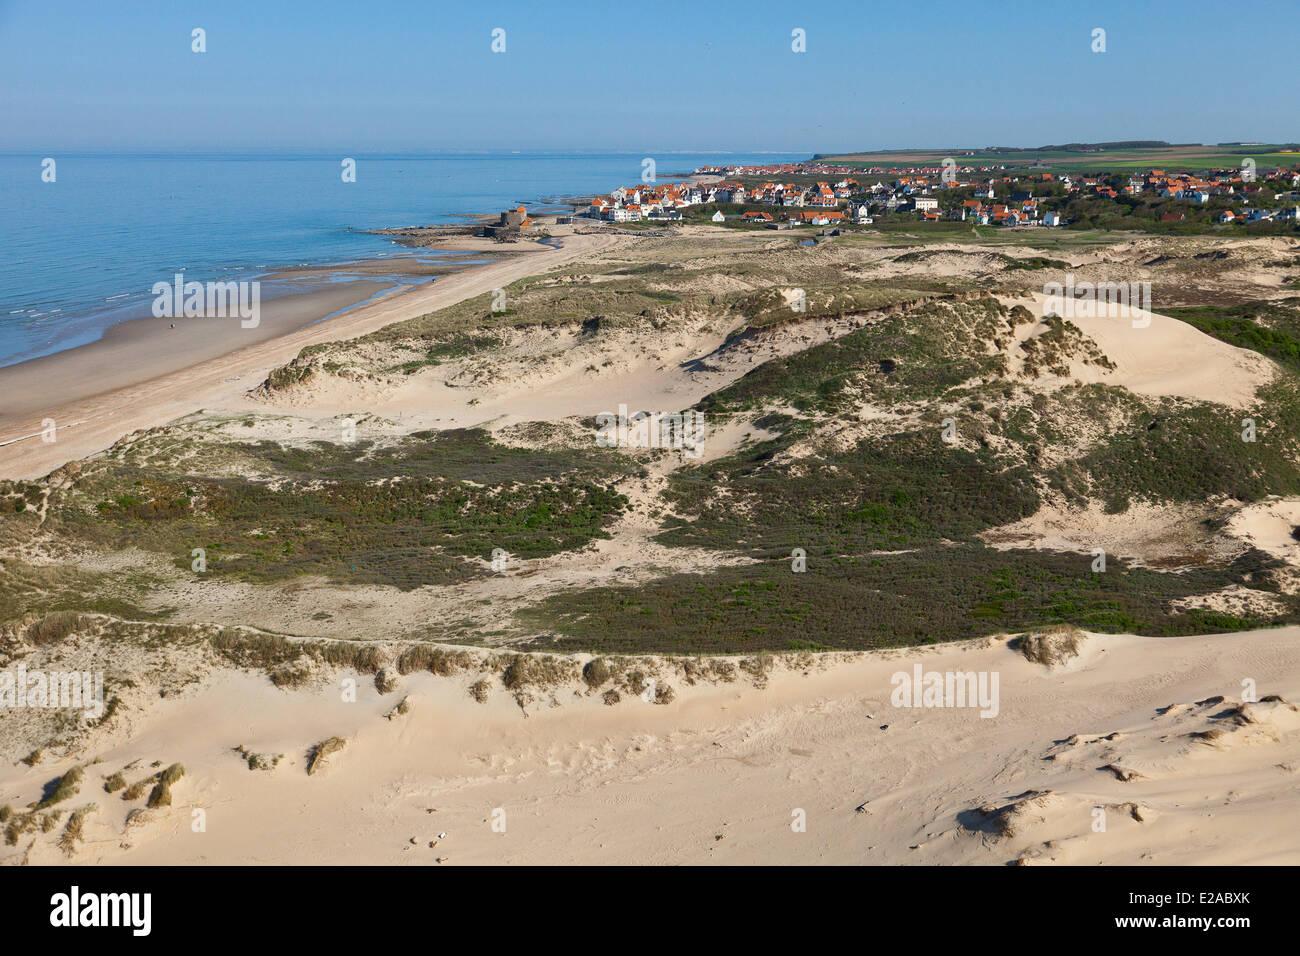 France, Pas de Calais, Ambleteuse, dunes of the Slack (aerial view) - Stock Image